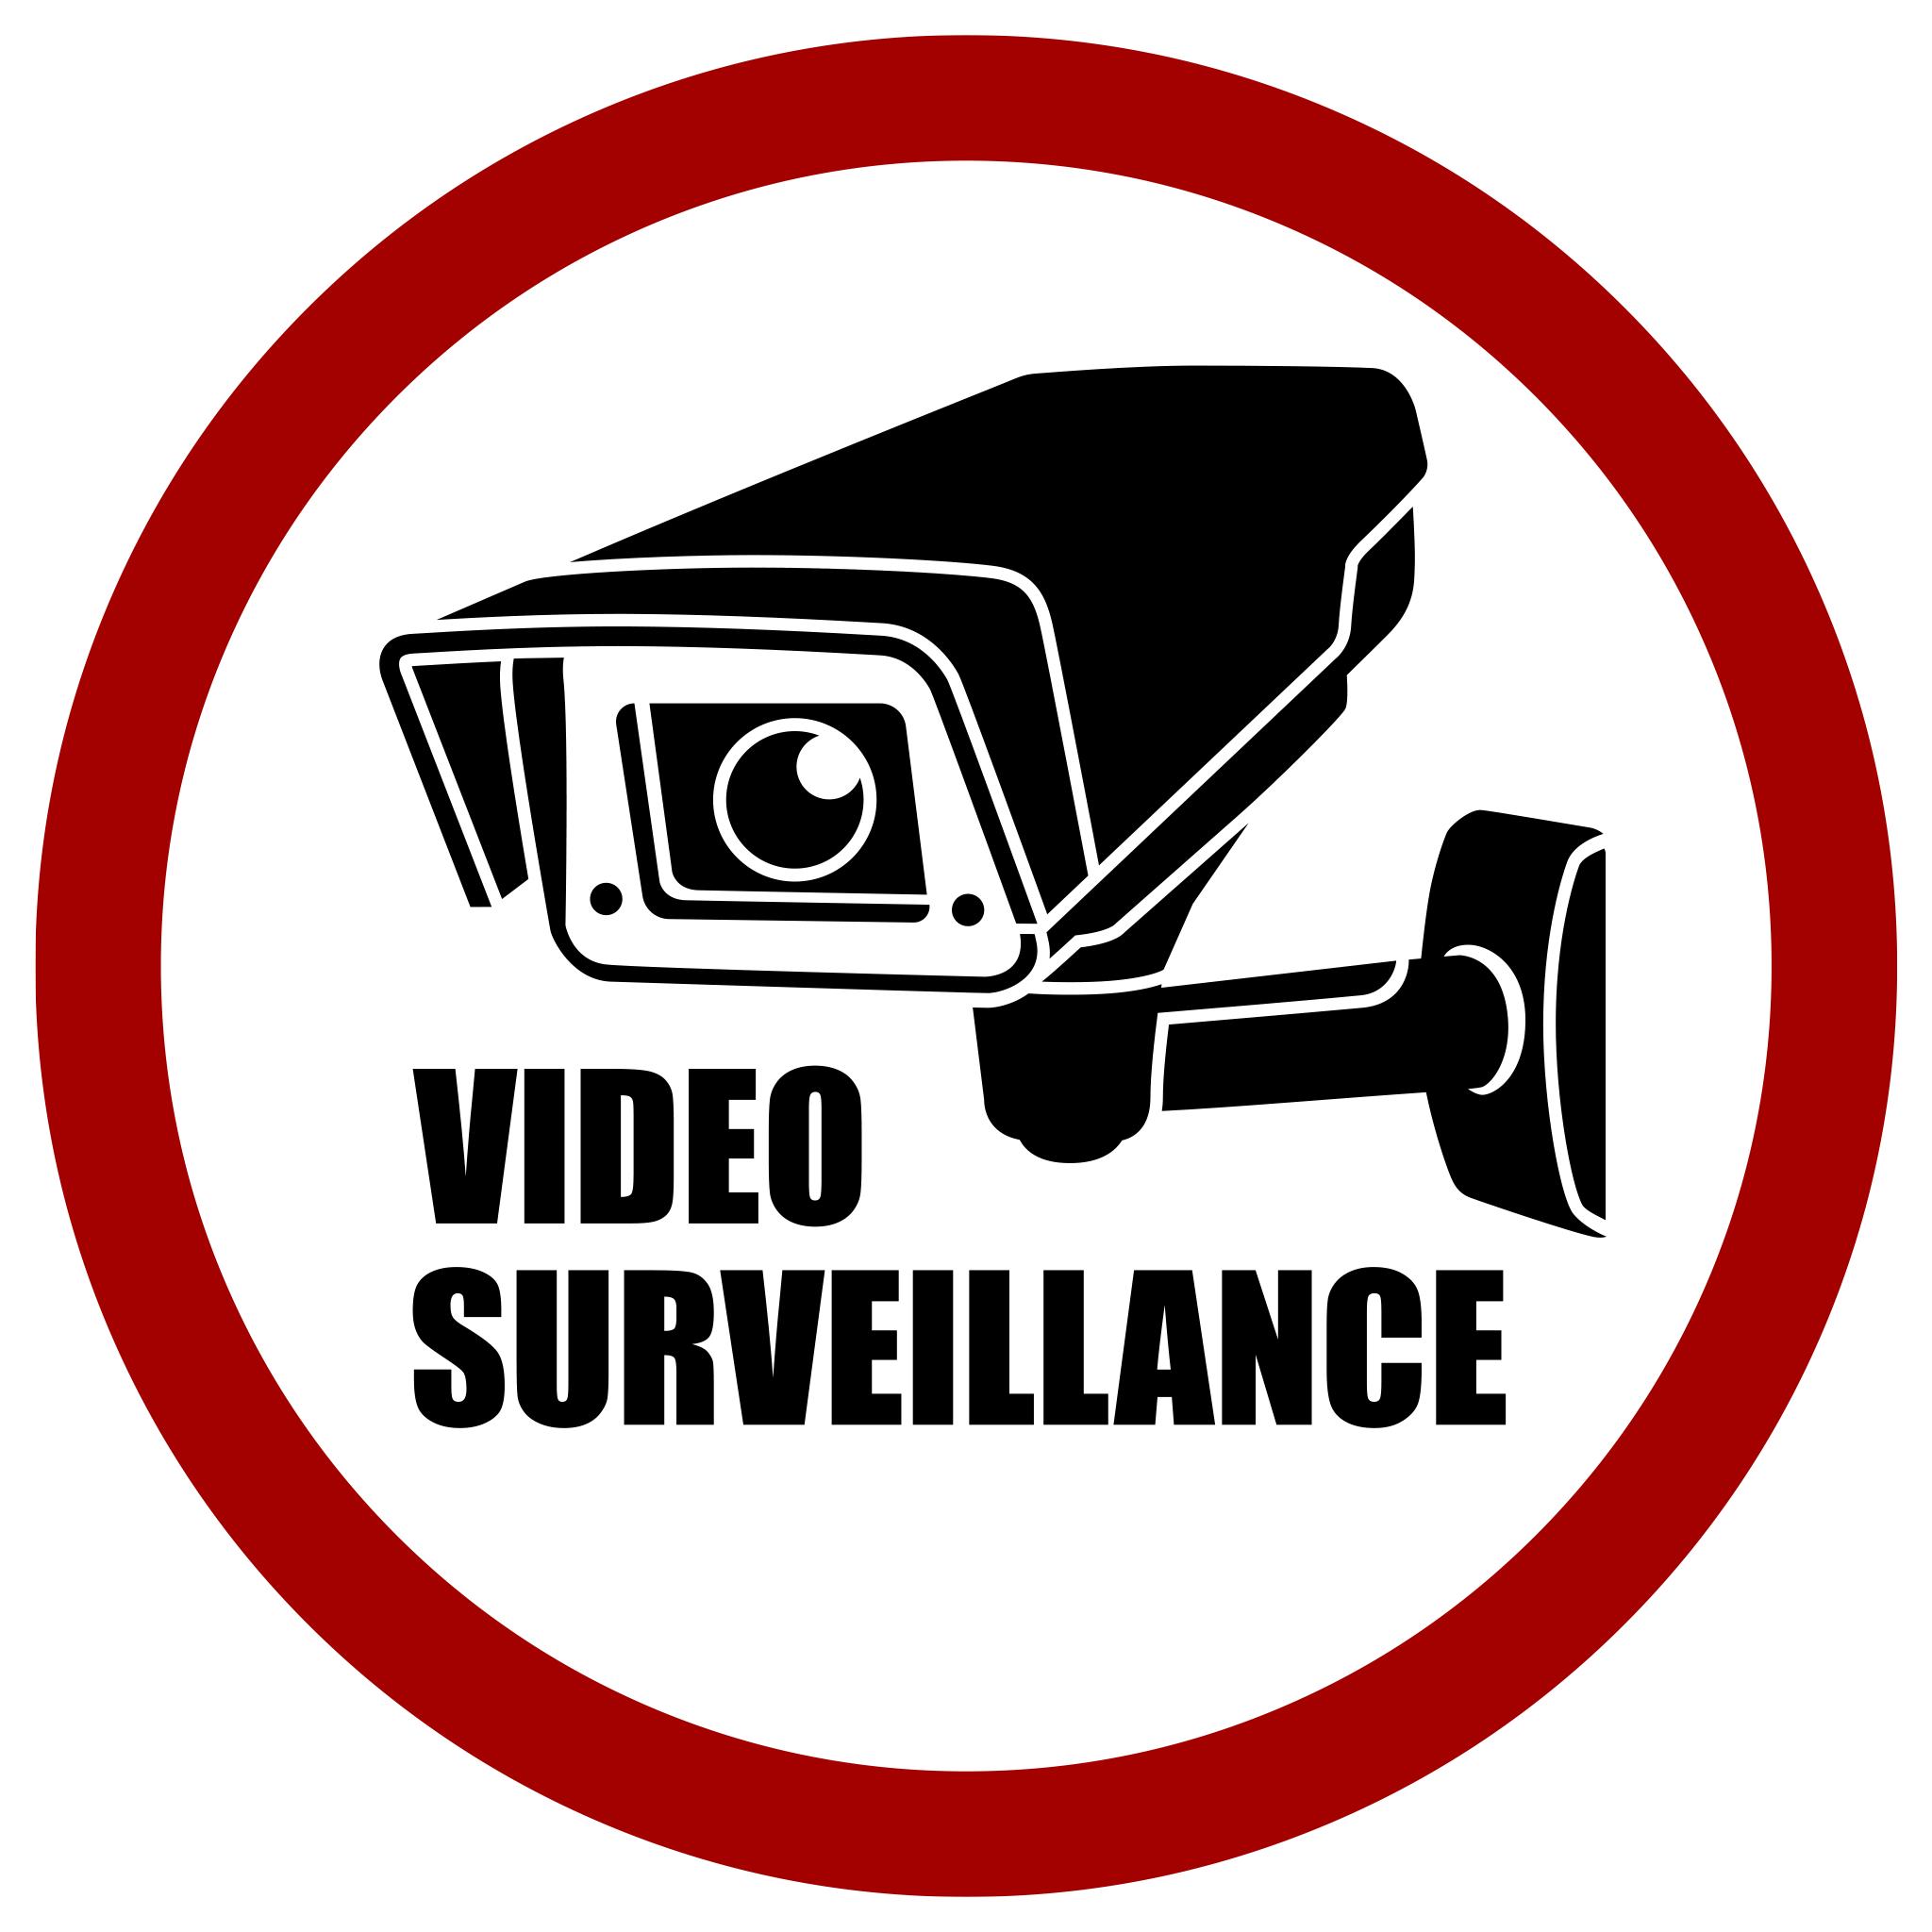 Video surveillance clipart clip art freeuse download Video Surveillance Icon PNG Image Free Download searchpng.com clip art freeuse download